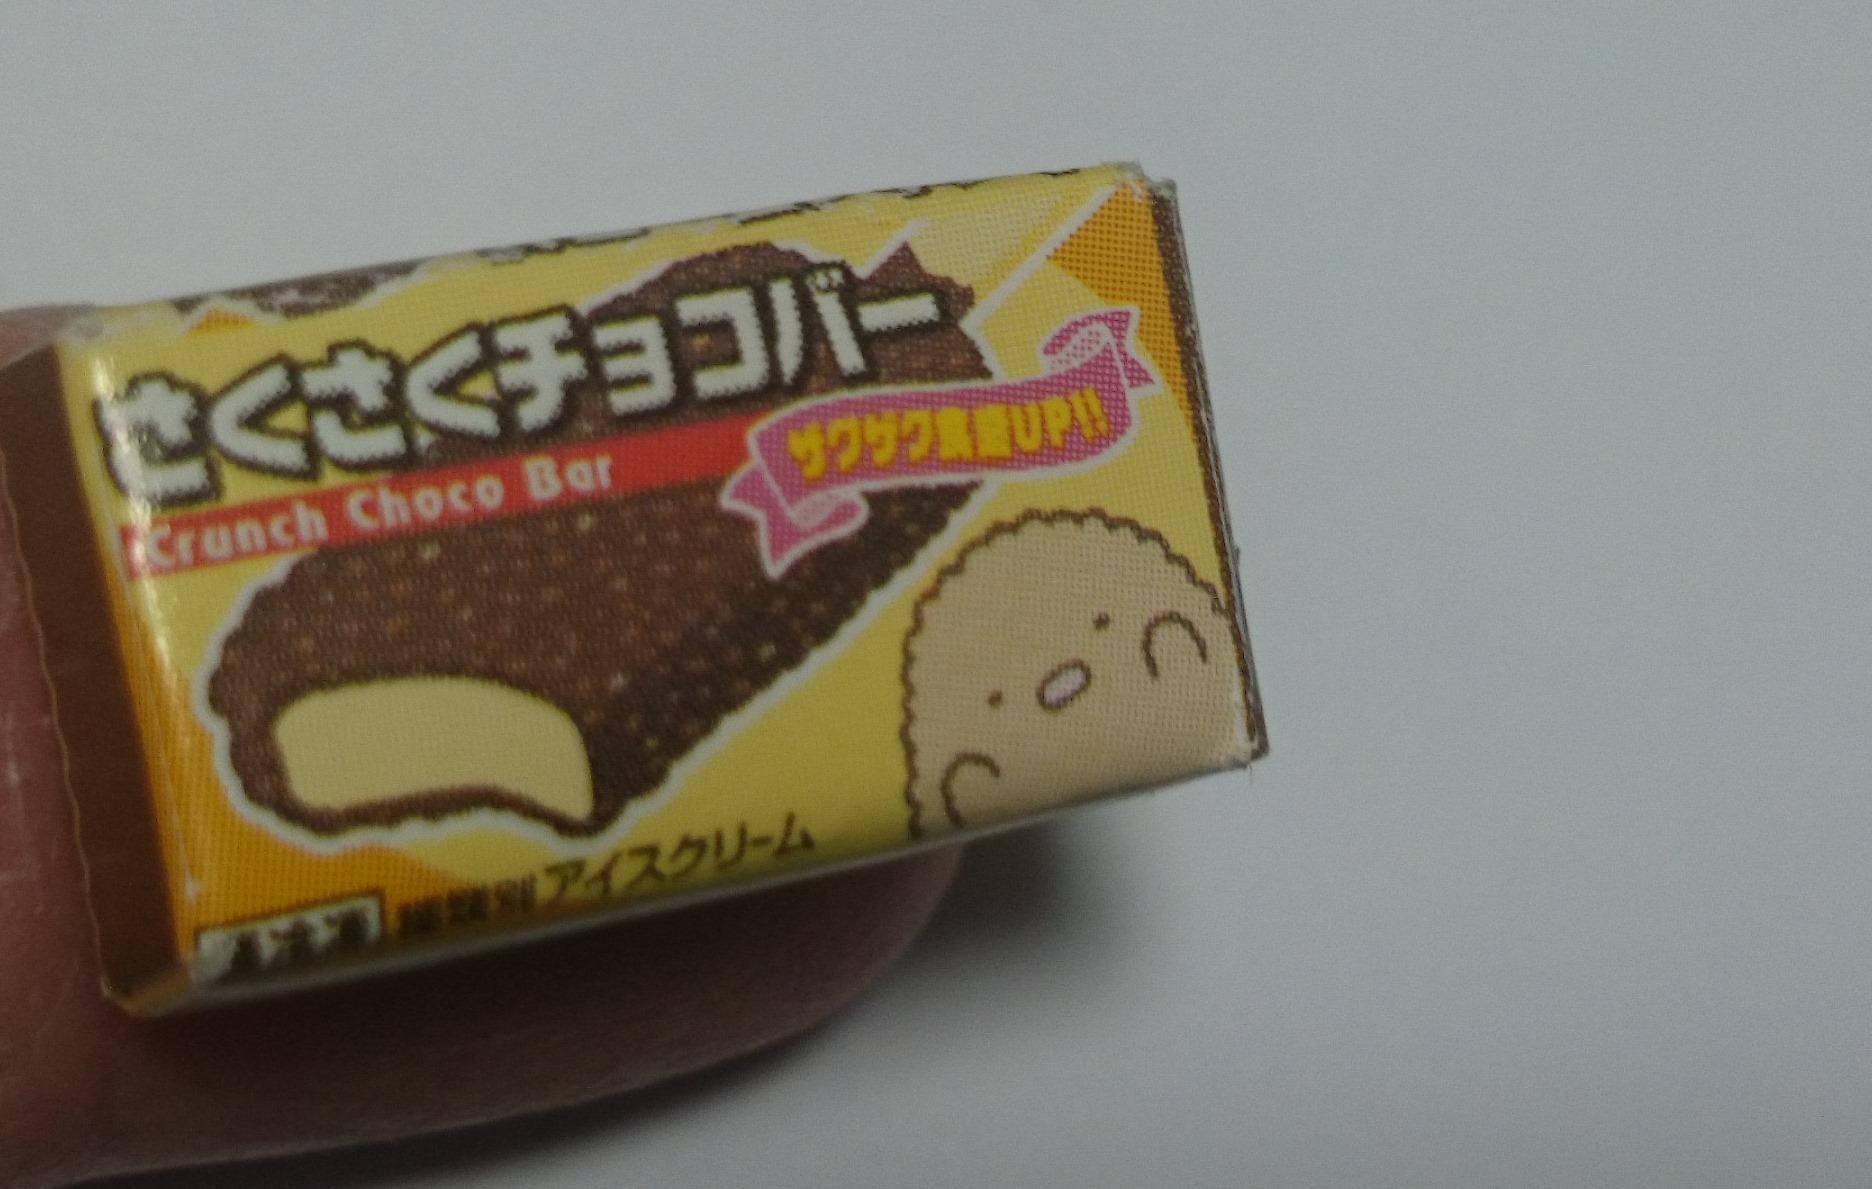 28、さくさくチョコバー(アイス)DSC_0501